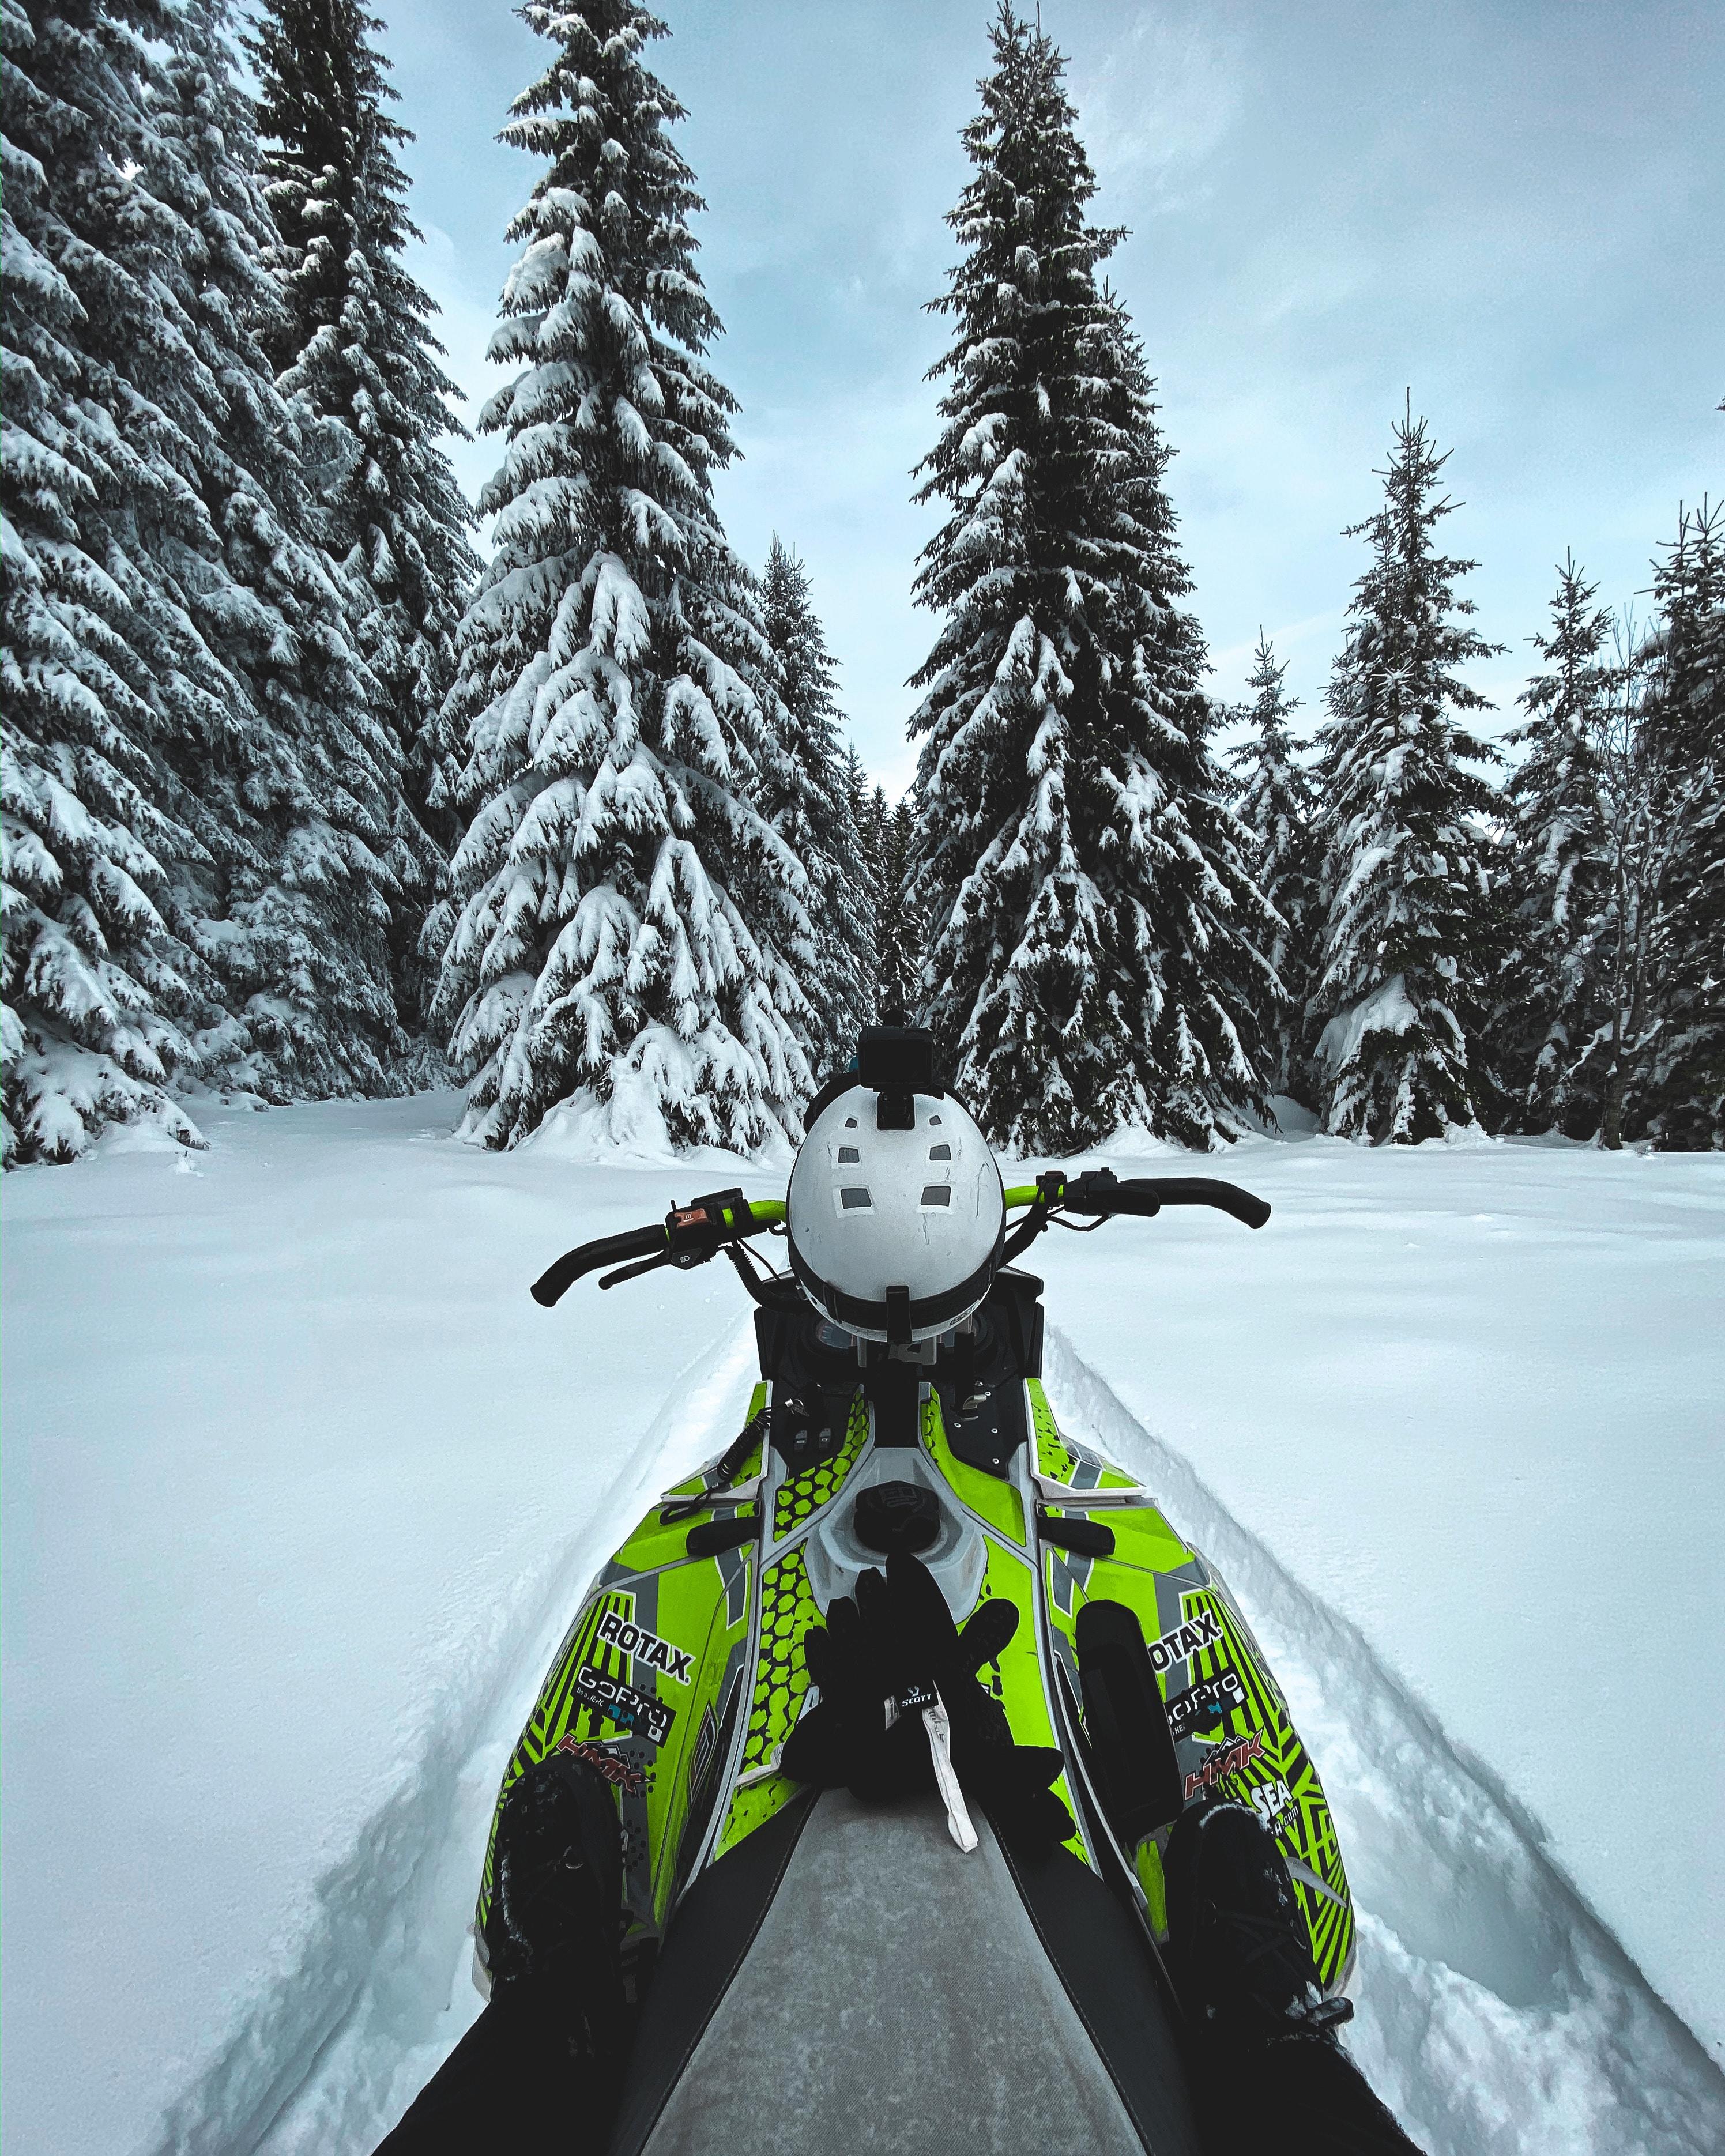 61454 скачать обои Спорт, Снегоход, Снег, Деревья, Зима - заставки и картинки бесплатно